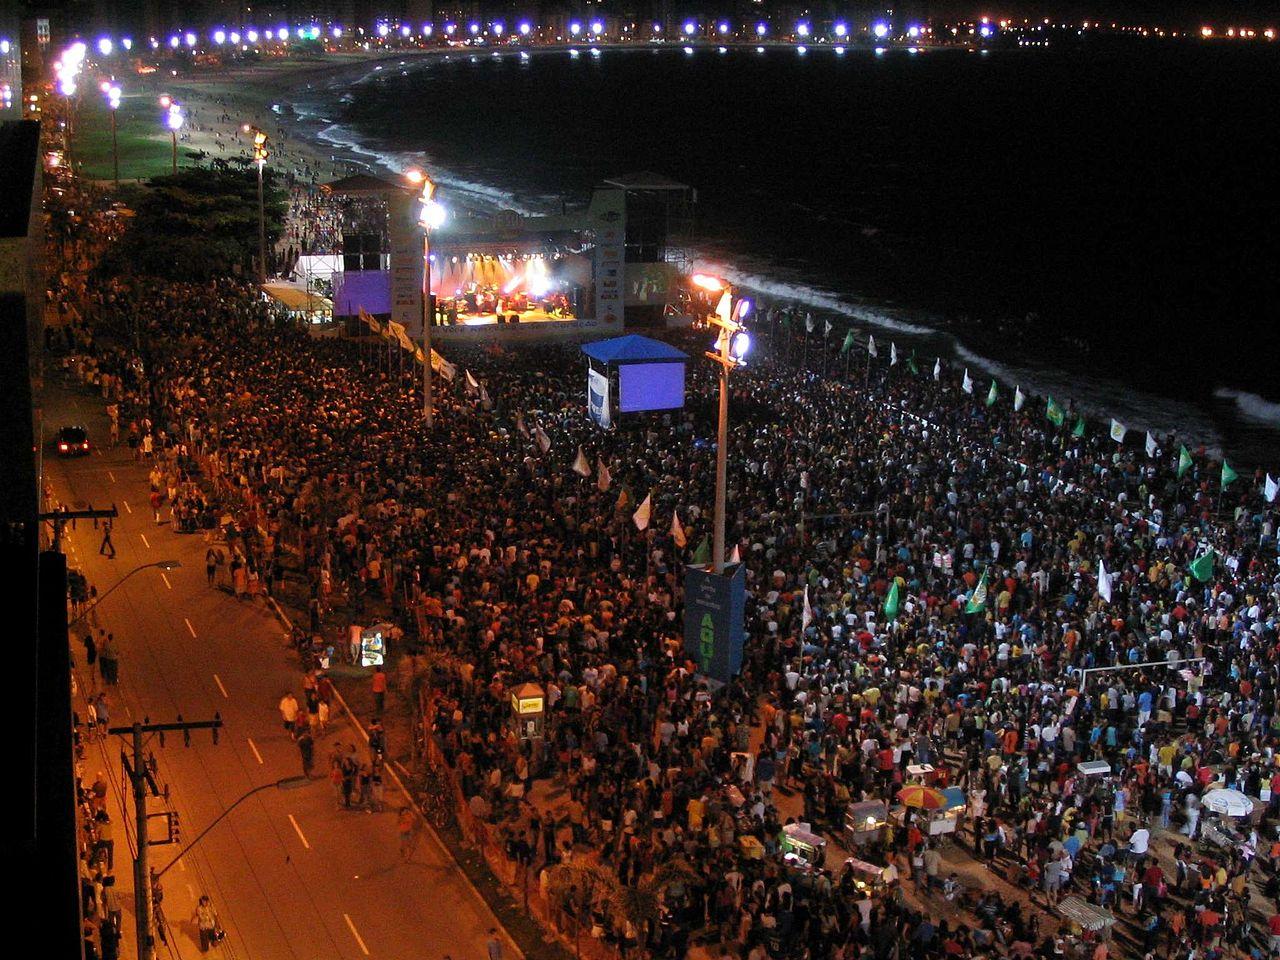 Justiça libera Jesus Vida Verão no calendário de eventos de Vila ...